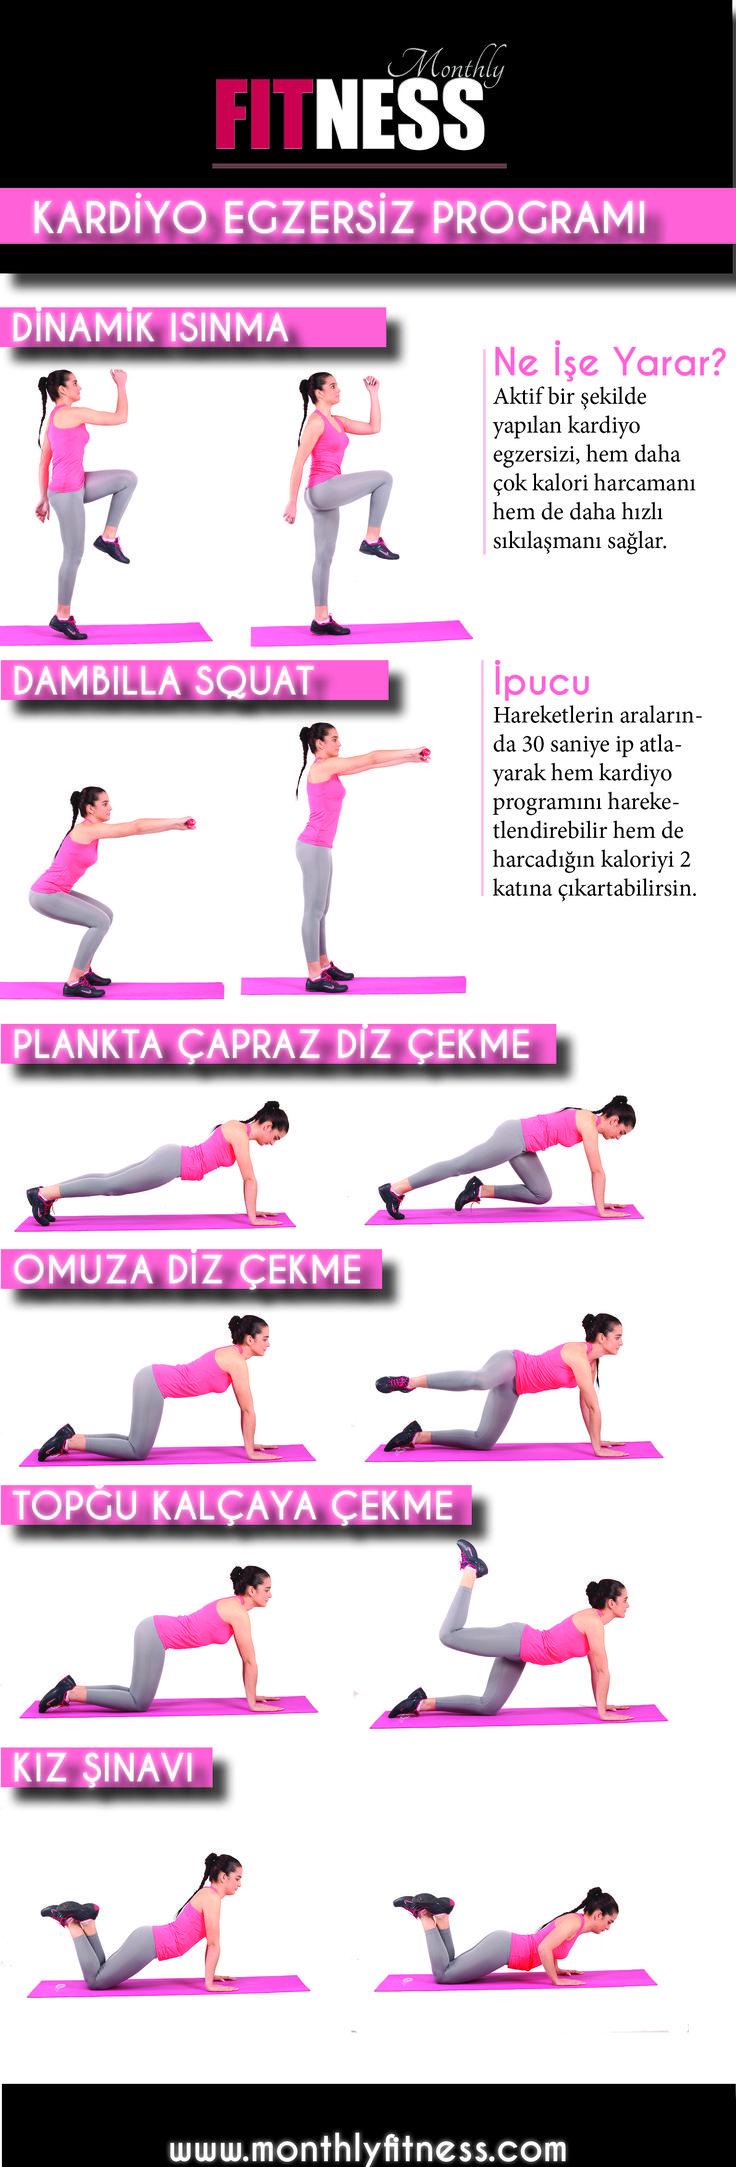 KALORİ HARCAMAK İÇİN: KARDİYO - Monthly Fitness